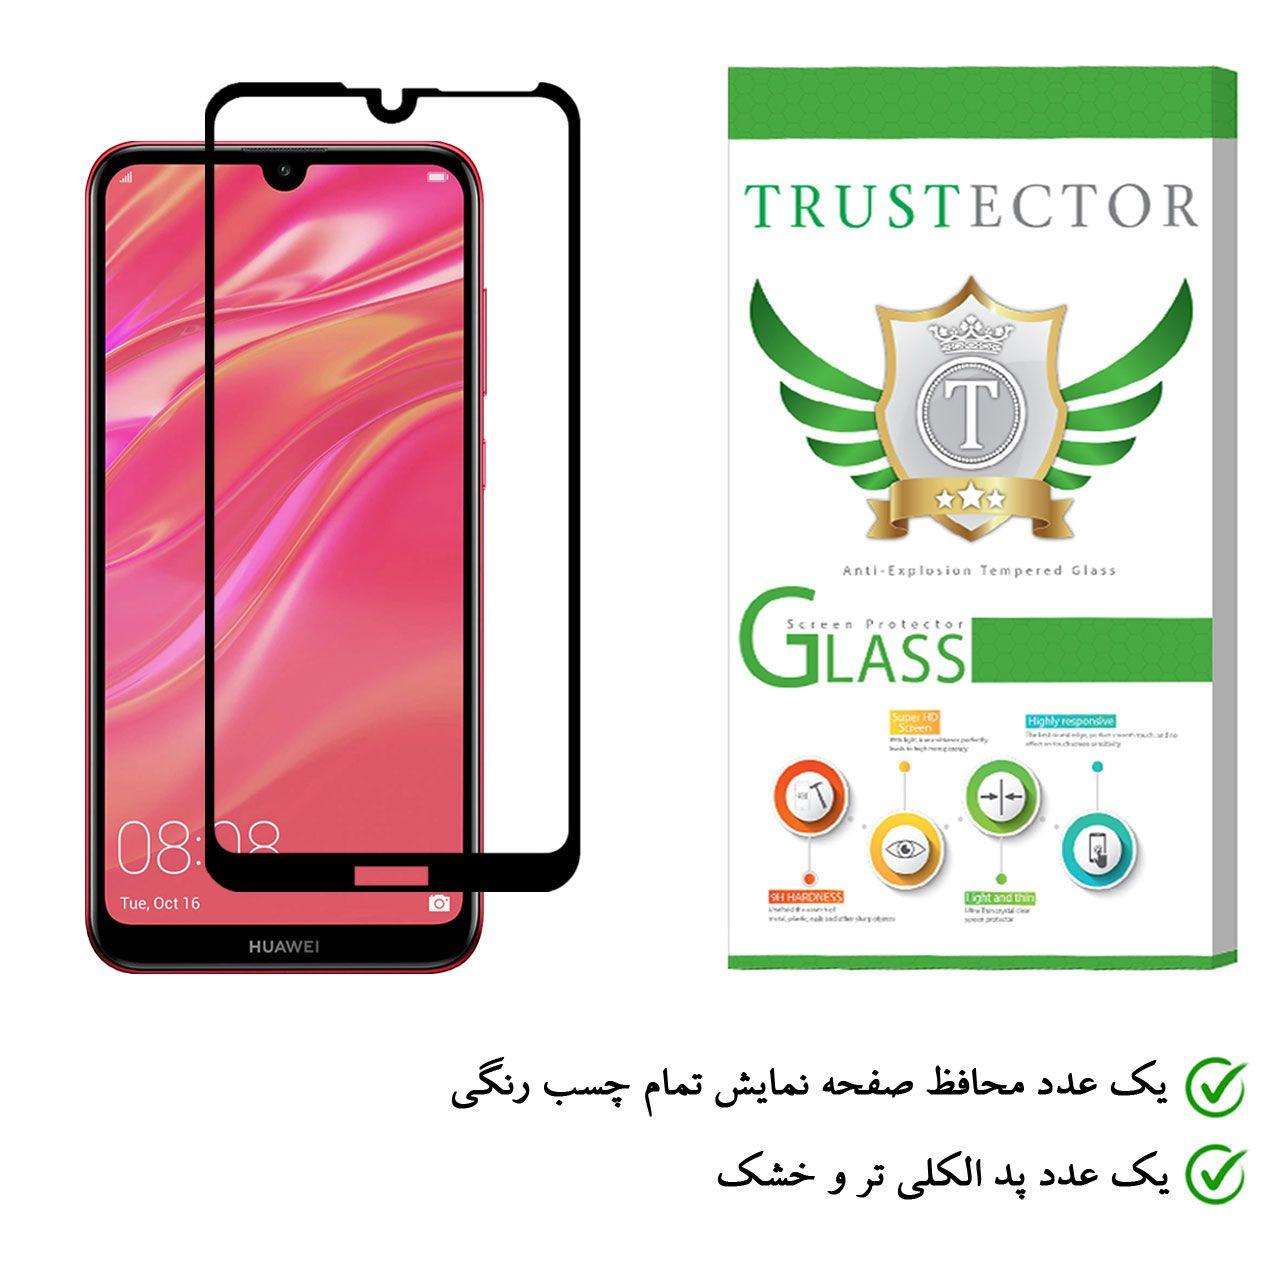 محافظ صفحه نمایش تراستکتور مدل GSS مناسب برای گوشی موبایل هوآوی Y7 Prime 2019 main 1 3